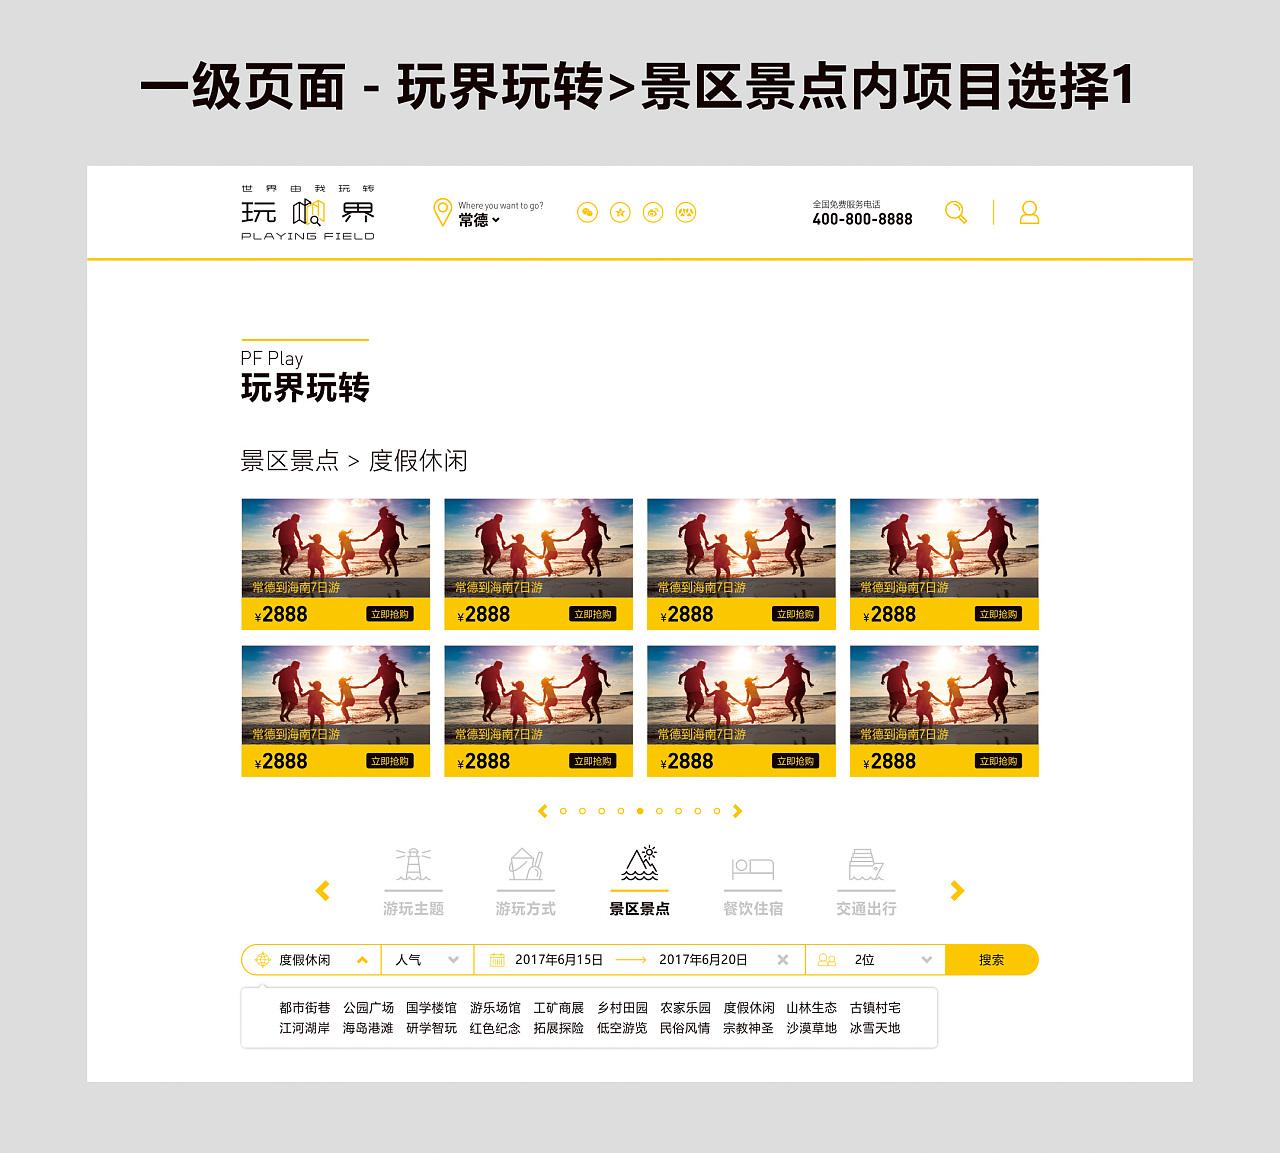 玩界网页设计预览平沙广告设计图片